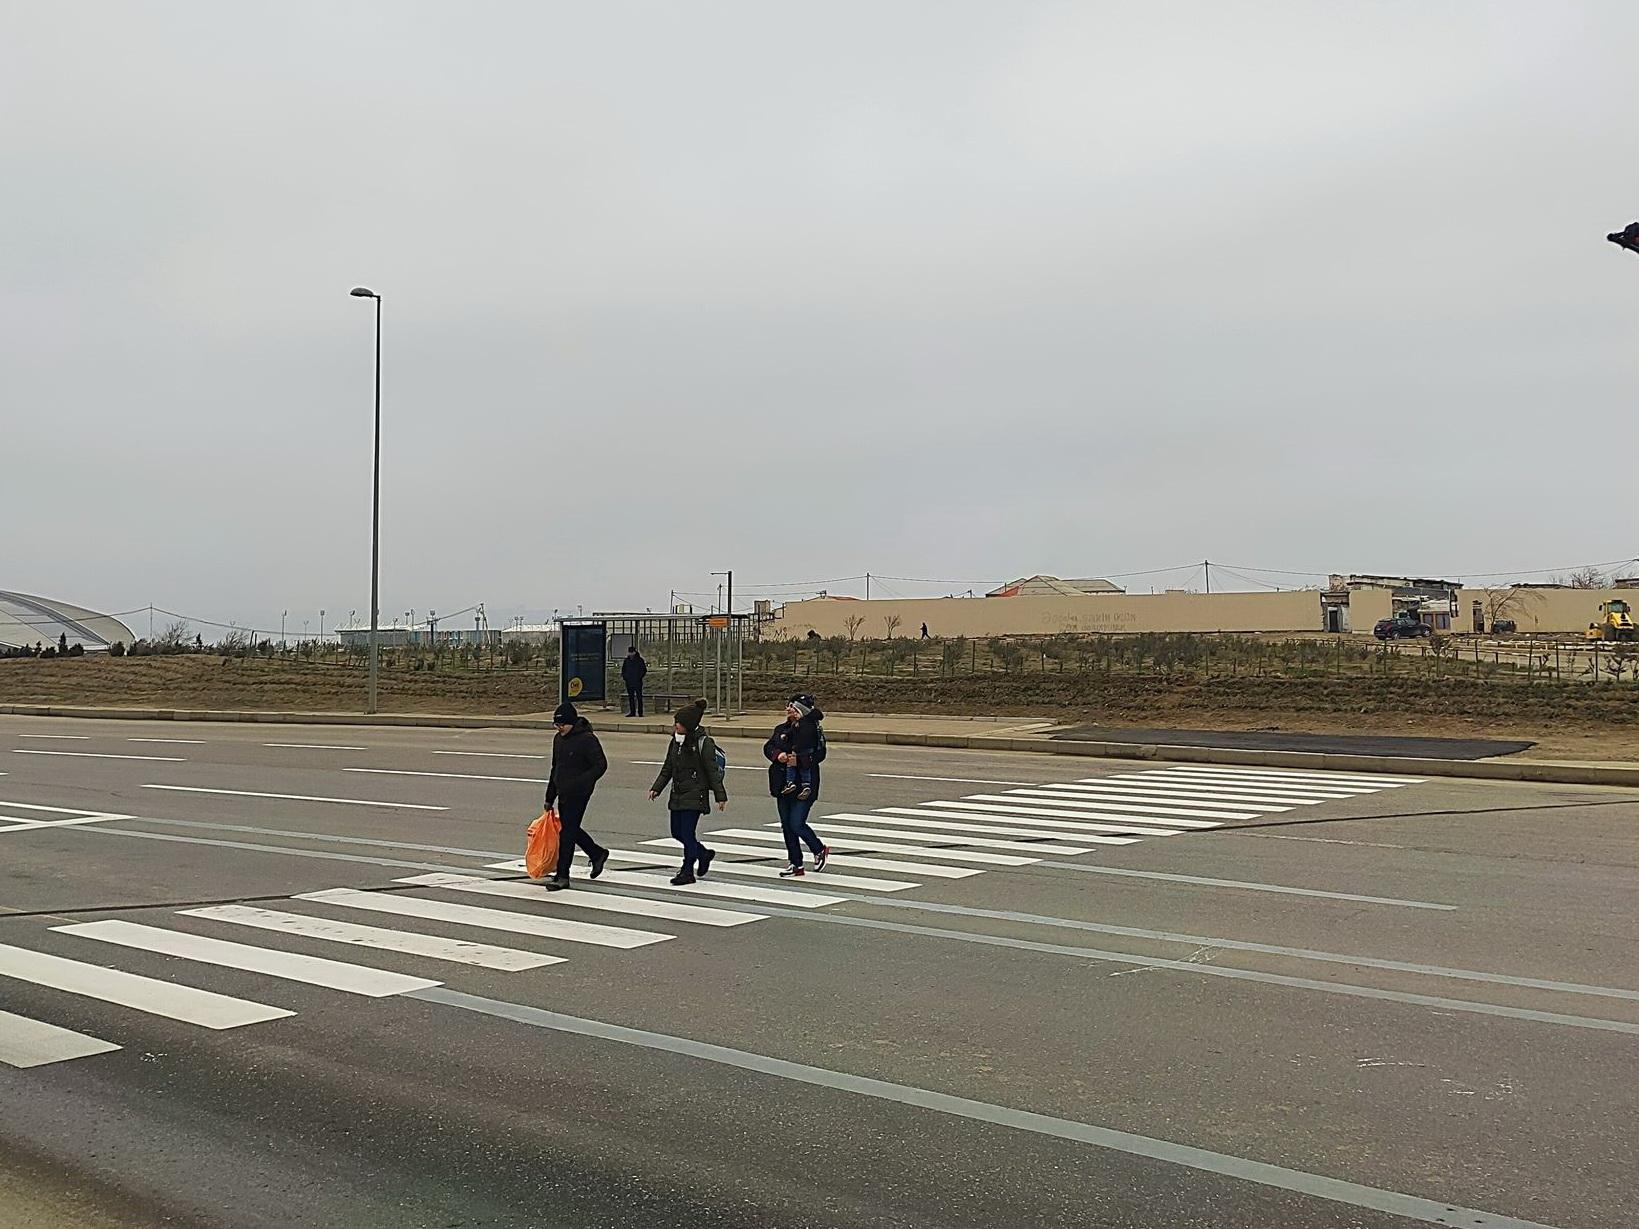 В Баку установили сенсорный светофор - ФОТО